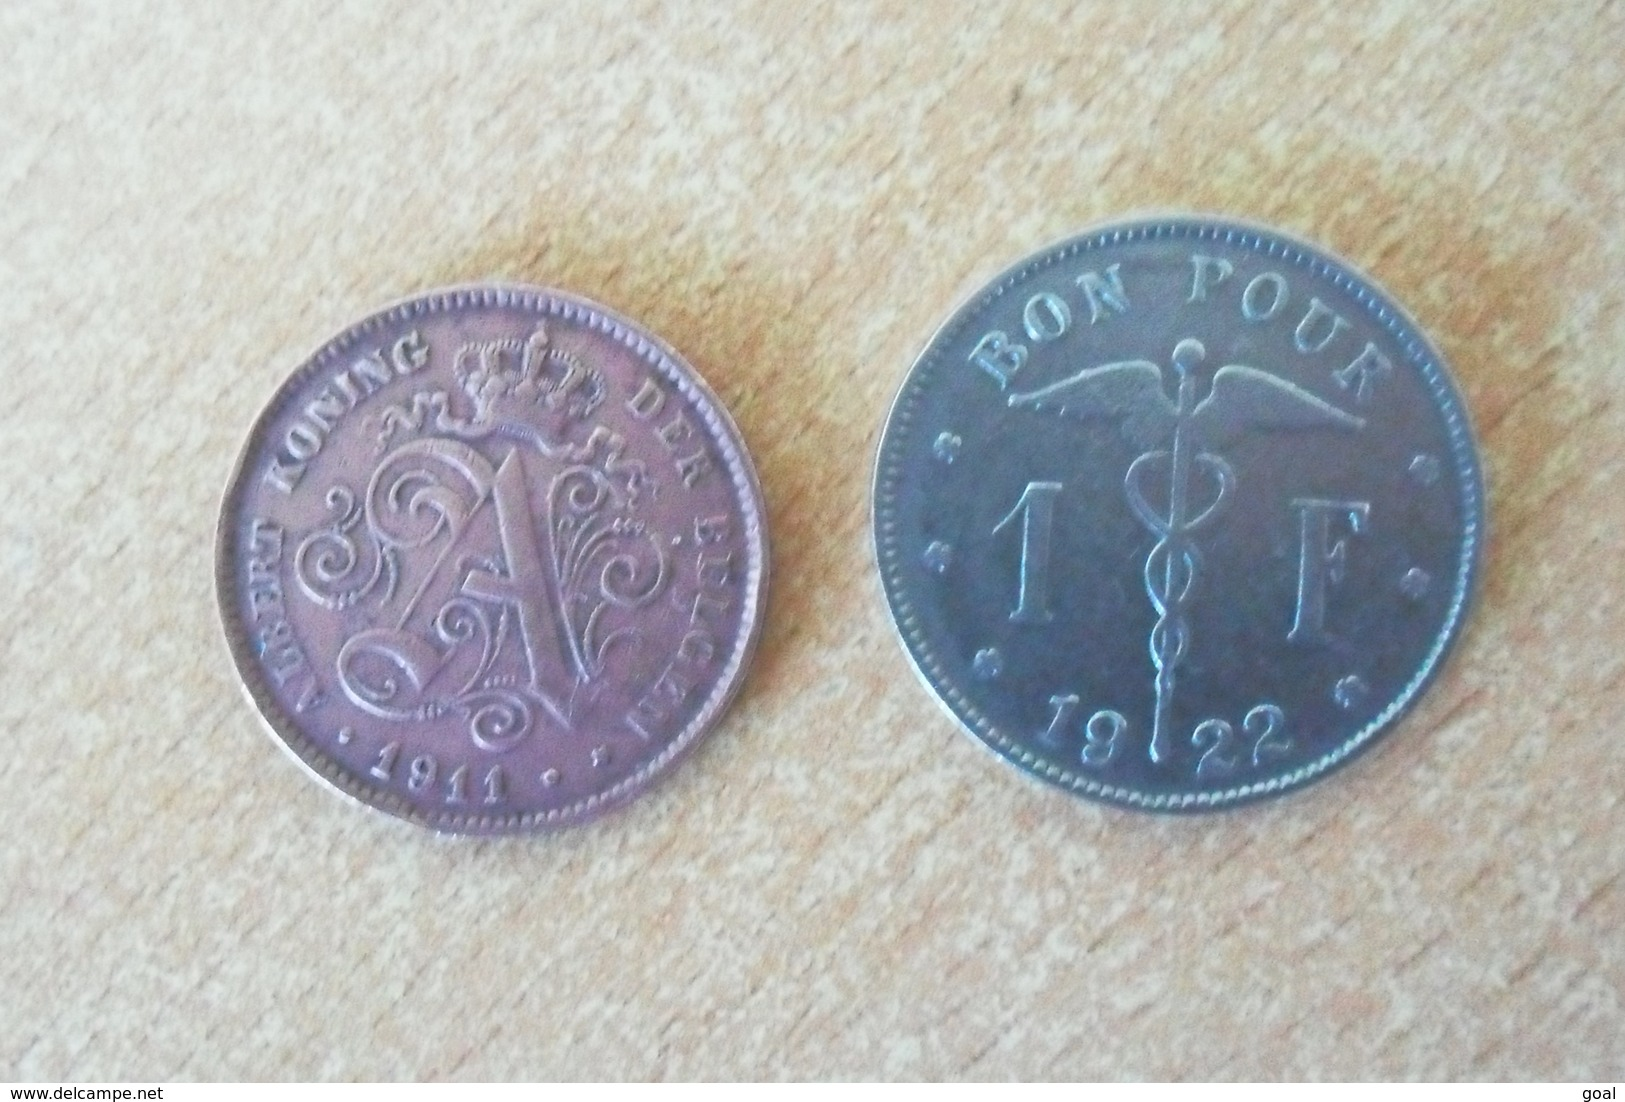 Lot De Deux Monnaies De Belgique/1 Franc 1922 Et 2 Centimes 1911(KM64)15 Euros En TTB-Valeur Des Monnaies Belge) En TTB+ - 1909-1934: Albert I